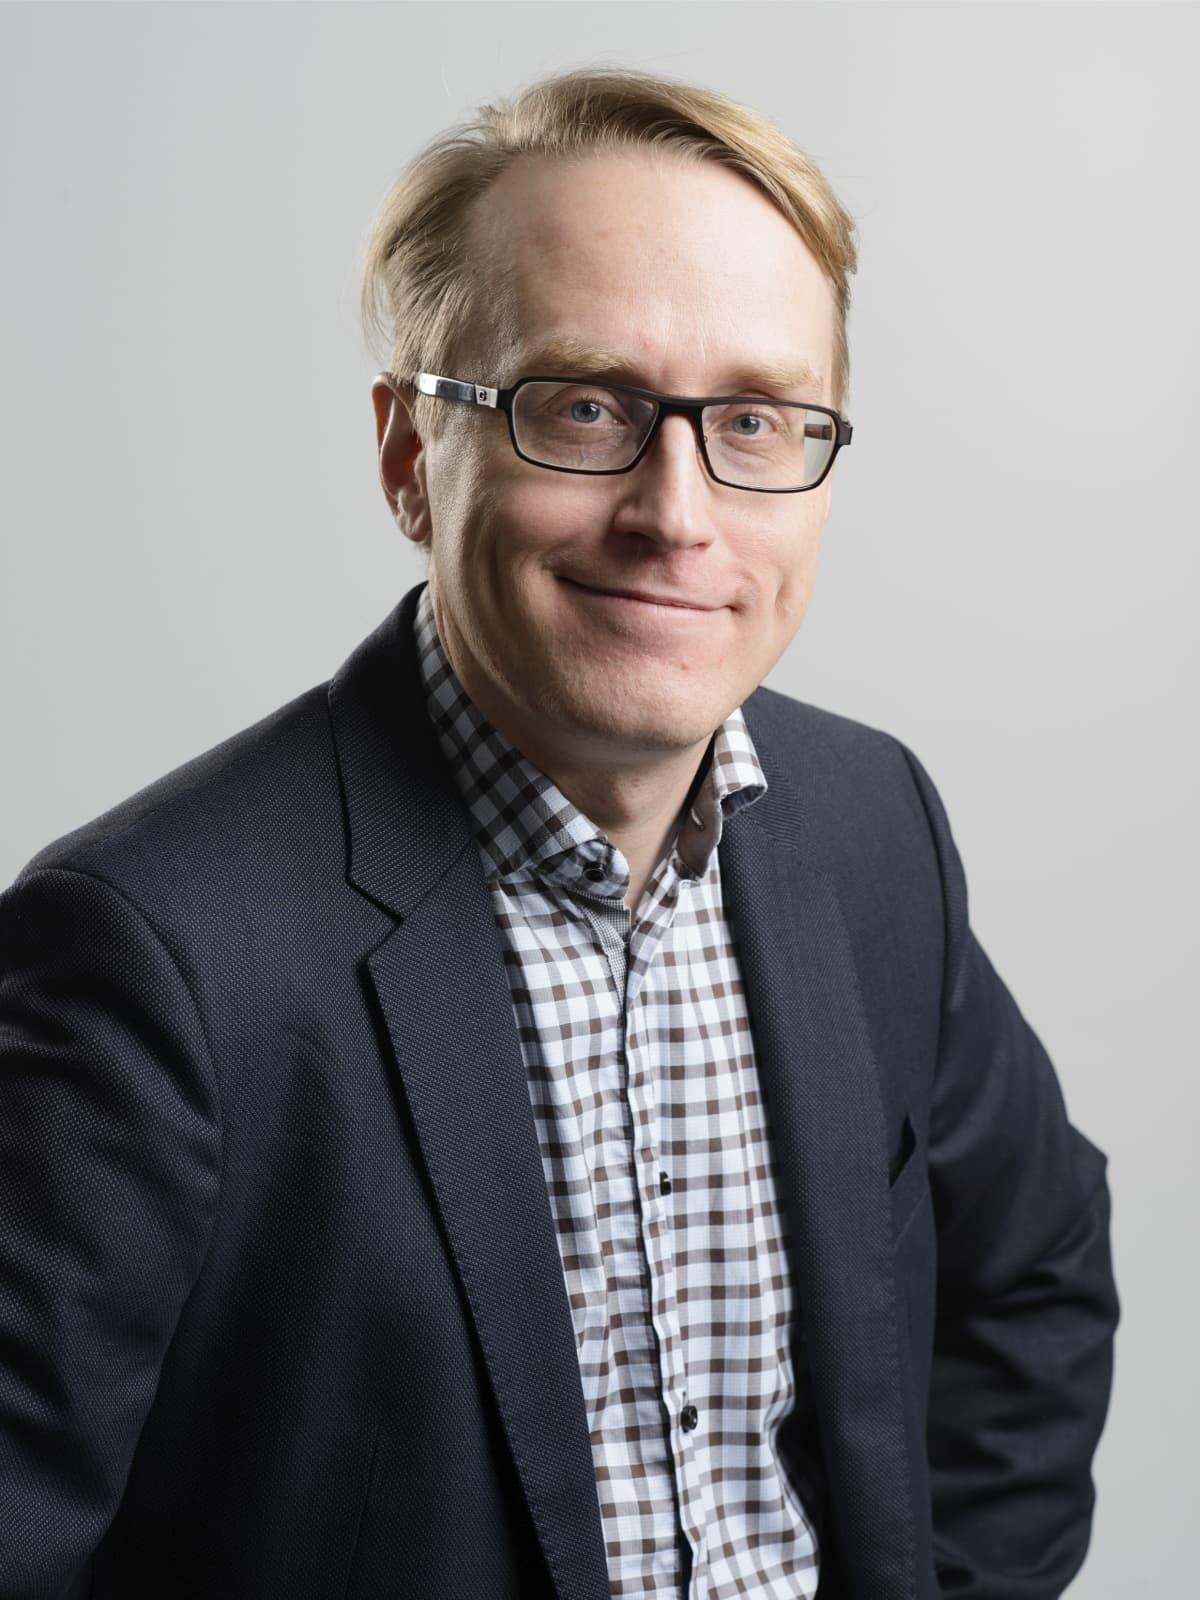 Tutkija, psykologian tohtori Jukka Häkkinen katsoo kameraan.